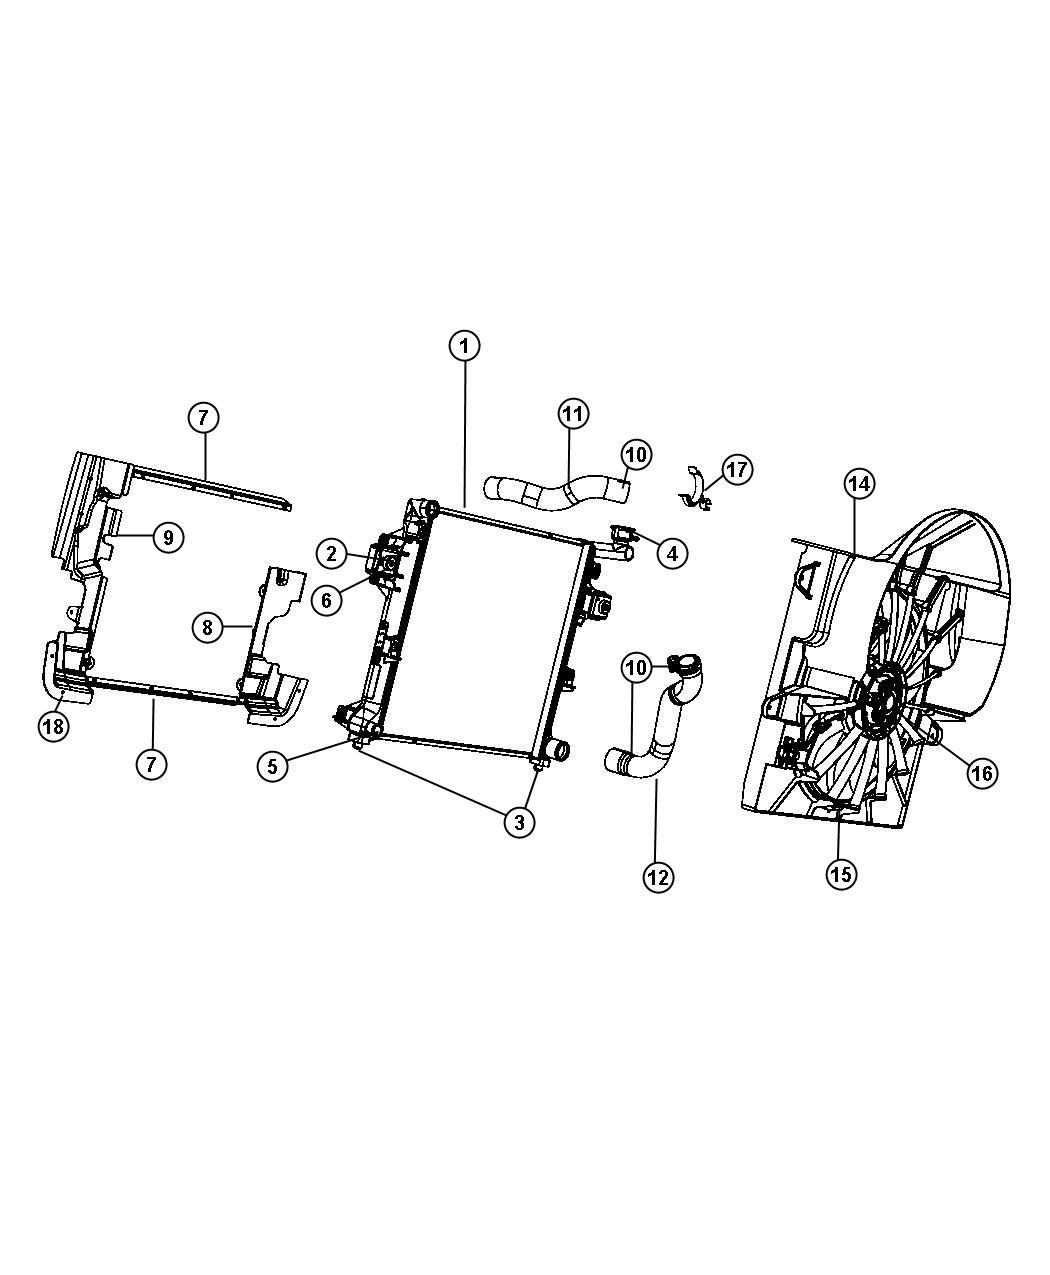 Chrysler 200 Fan Module Used For Fan And Motor Assy